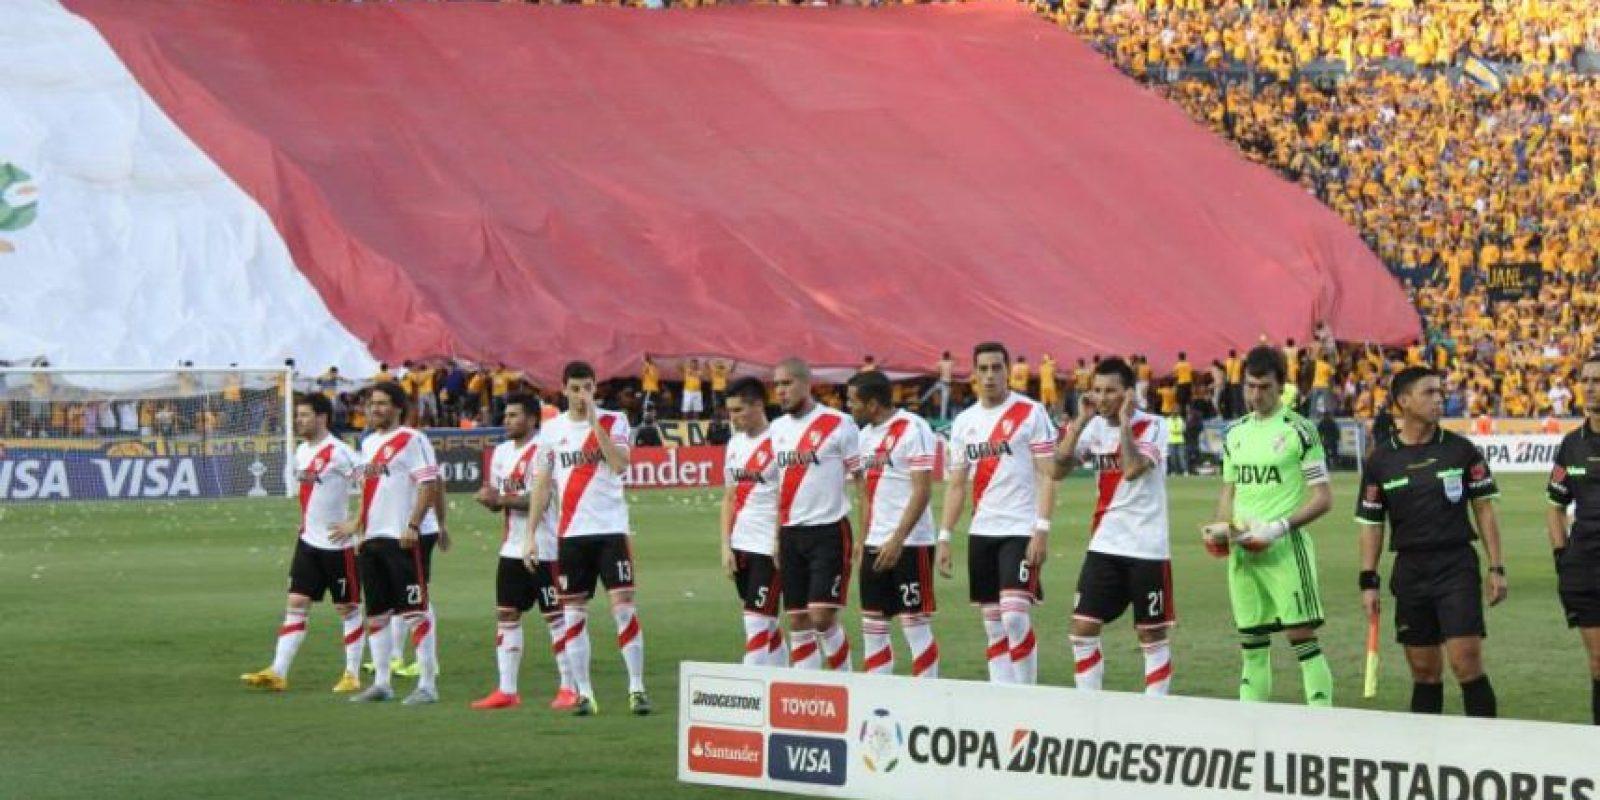 River Plate desea conseguir su primera Copa Libertadores en 19 años. Foto:Vía facebook.com/tigresoficial